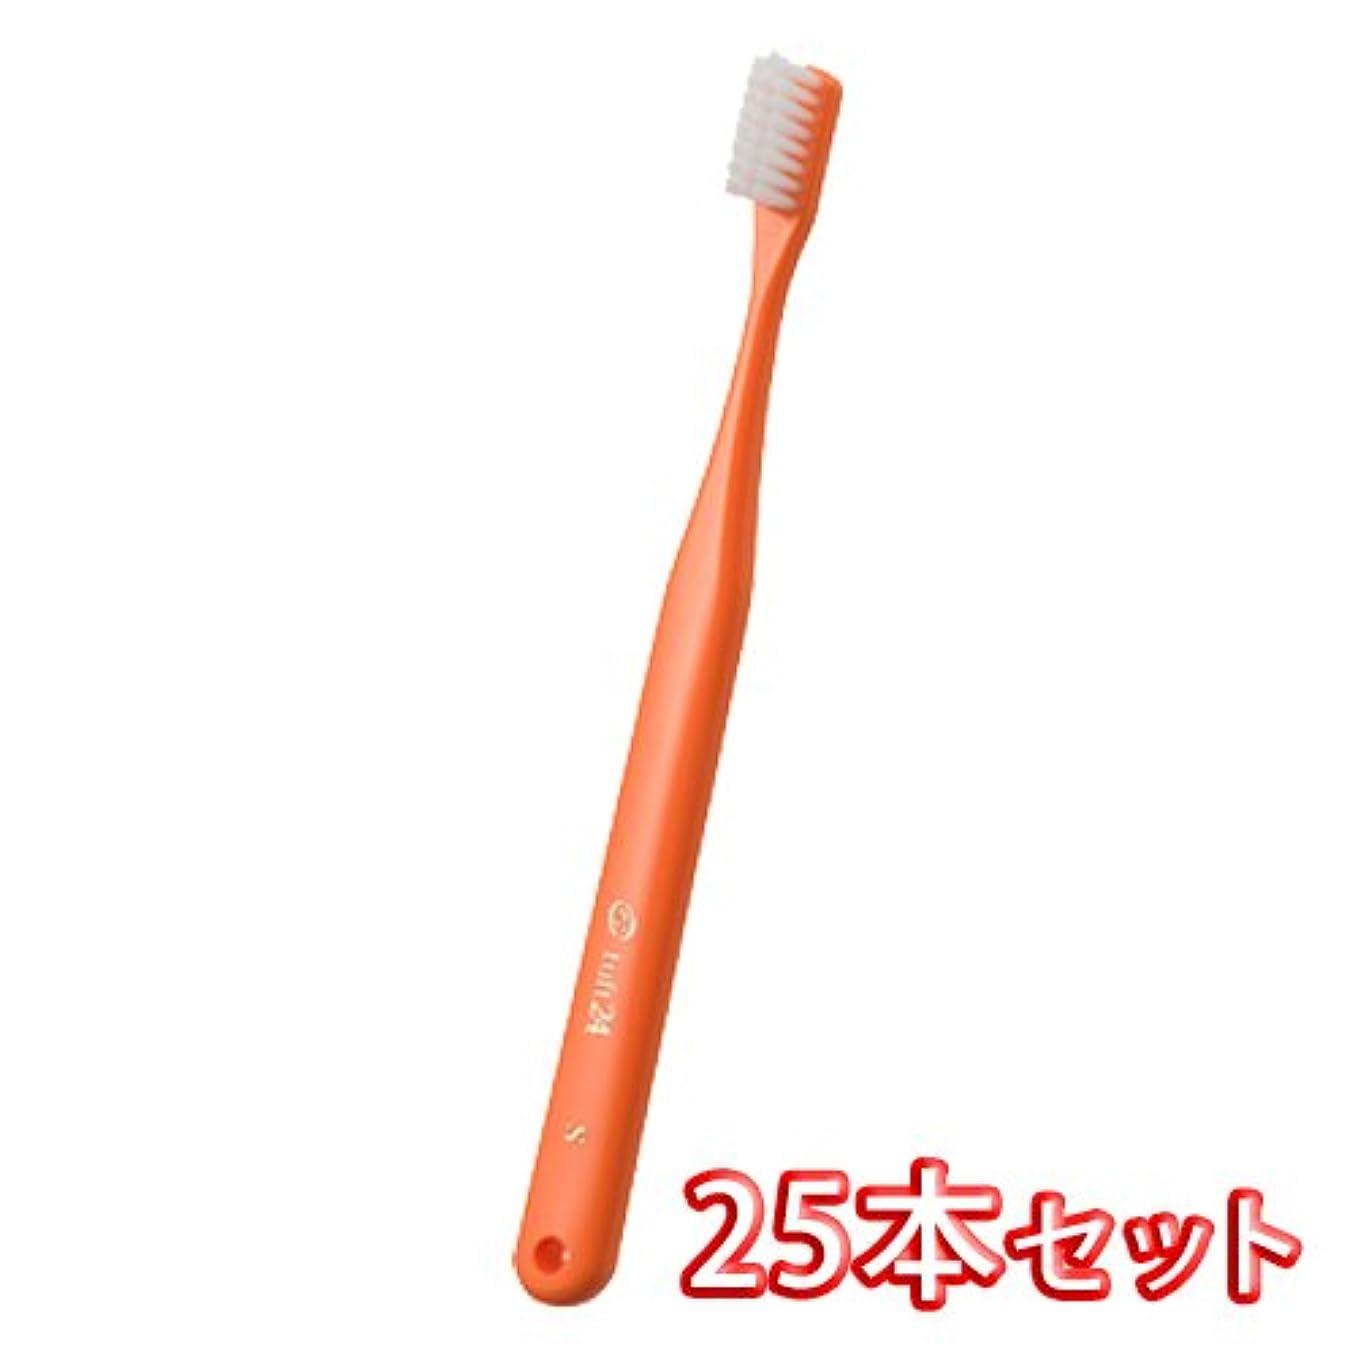 精神的に上昇調停するオーラルケア キャップ付き タフト 24歯ブラシ 25本入 ミディアム M (オレンジ)